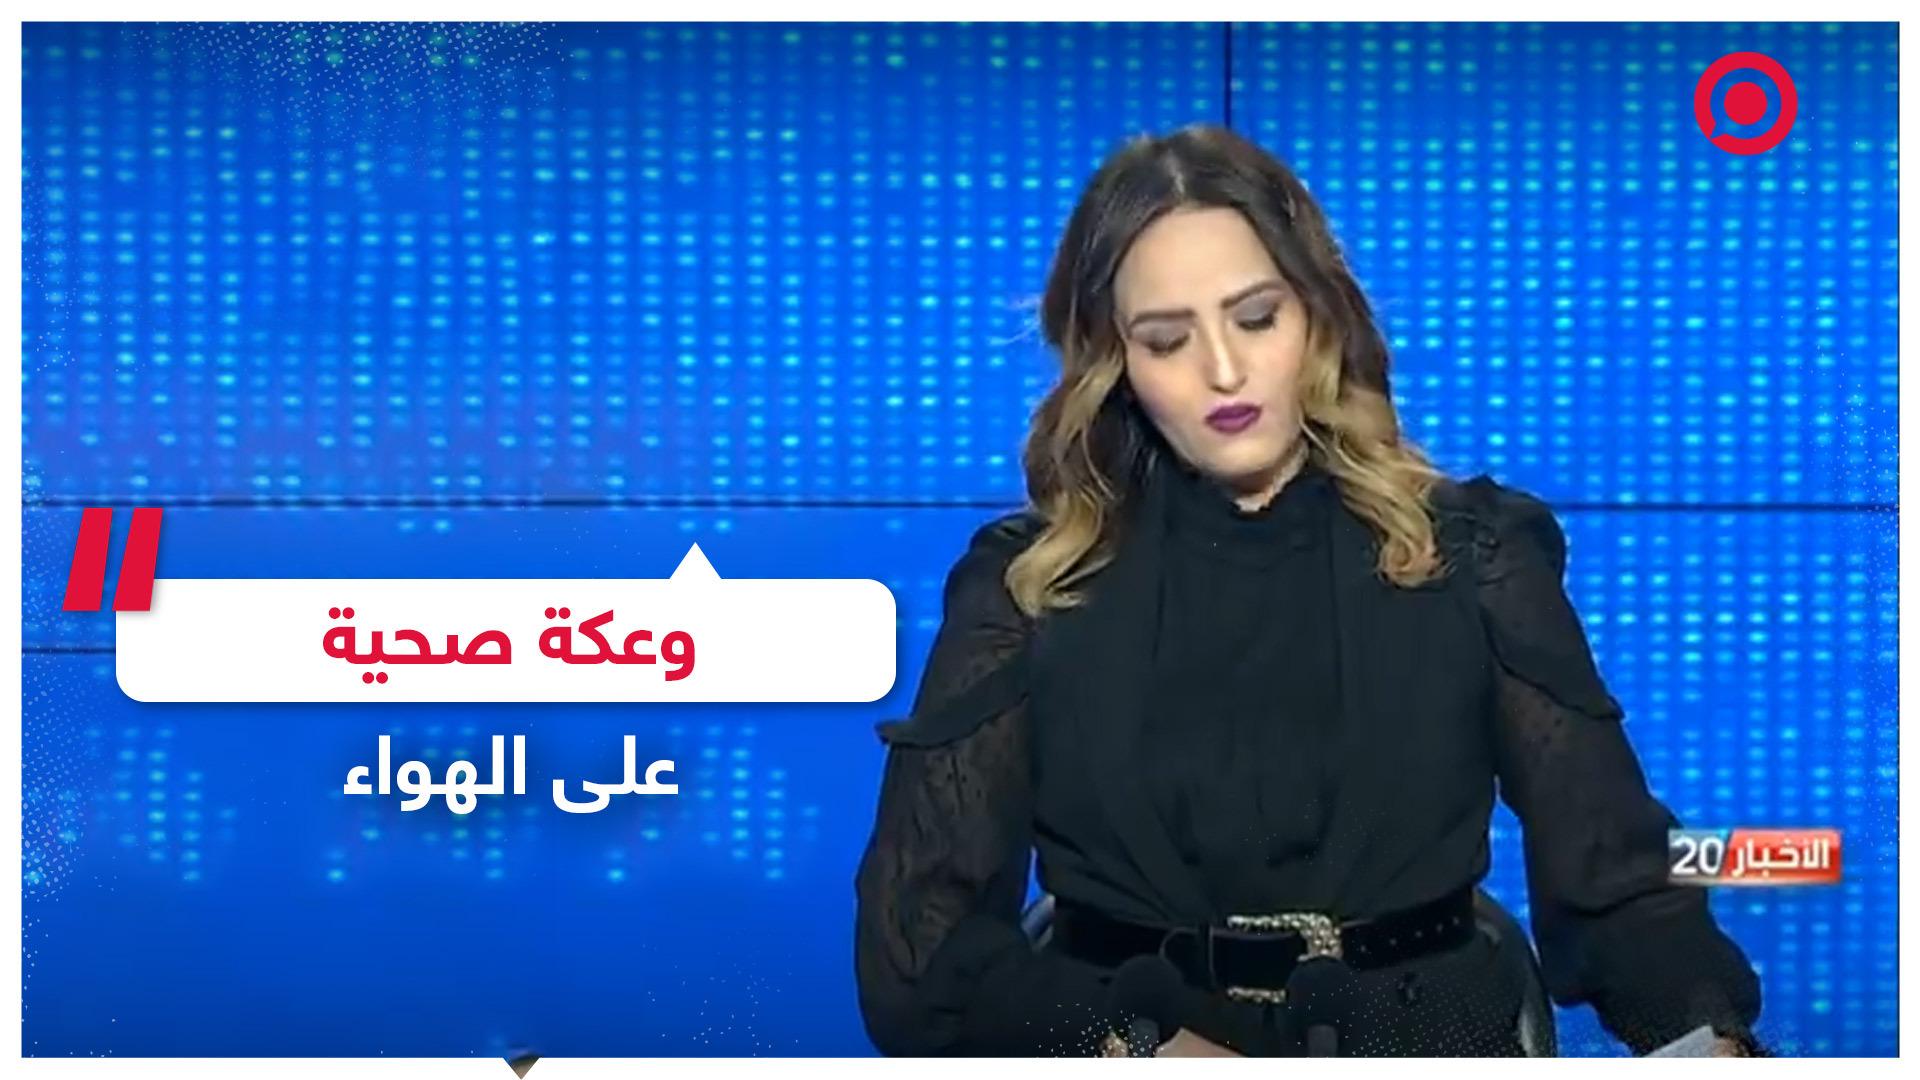 مذيعة تونسية تتعرض لوعكة صحية على الهواء